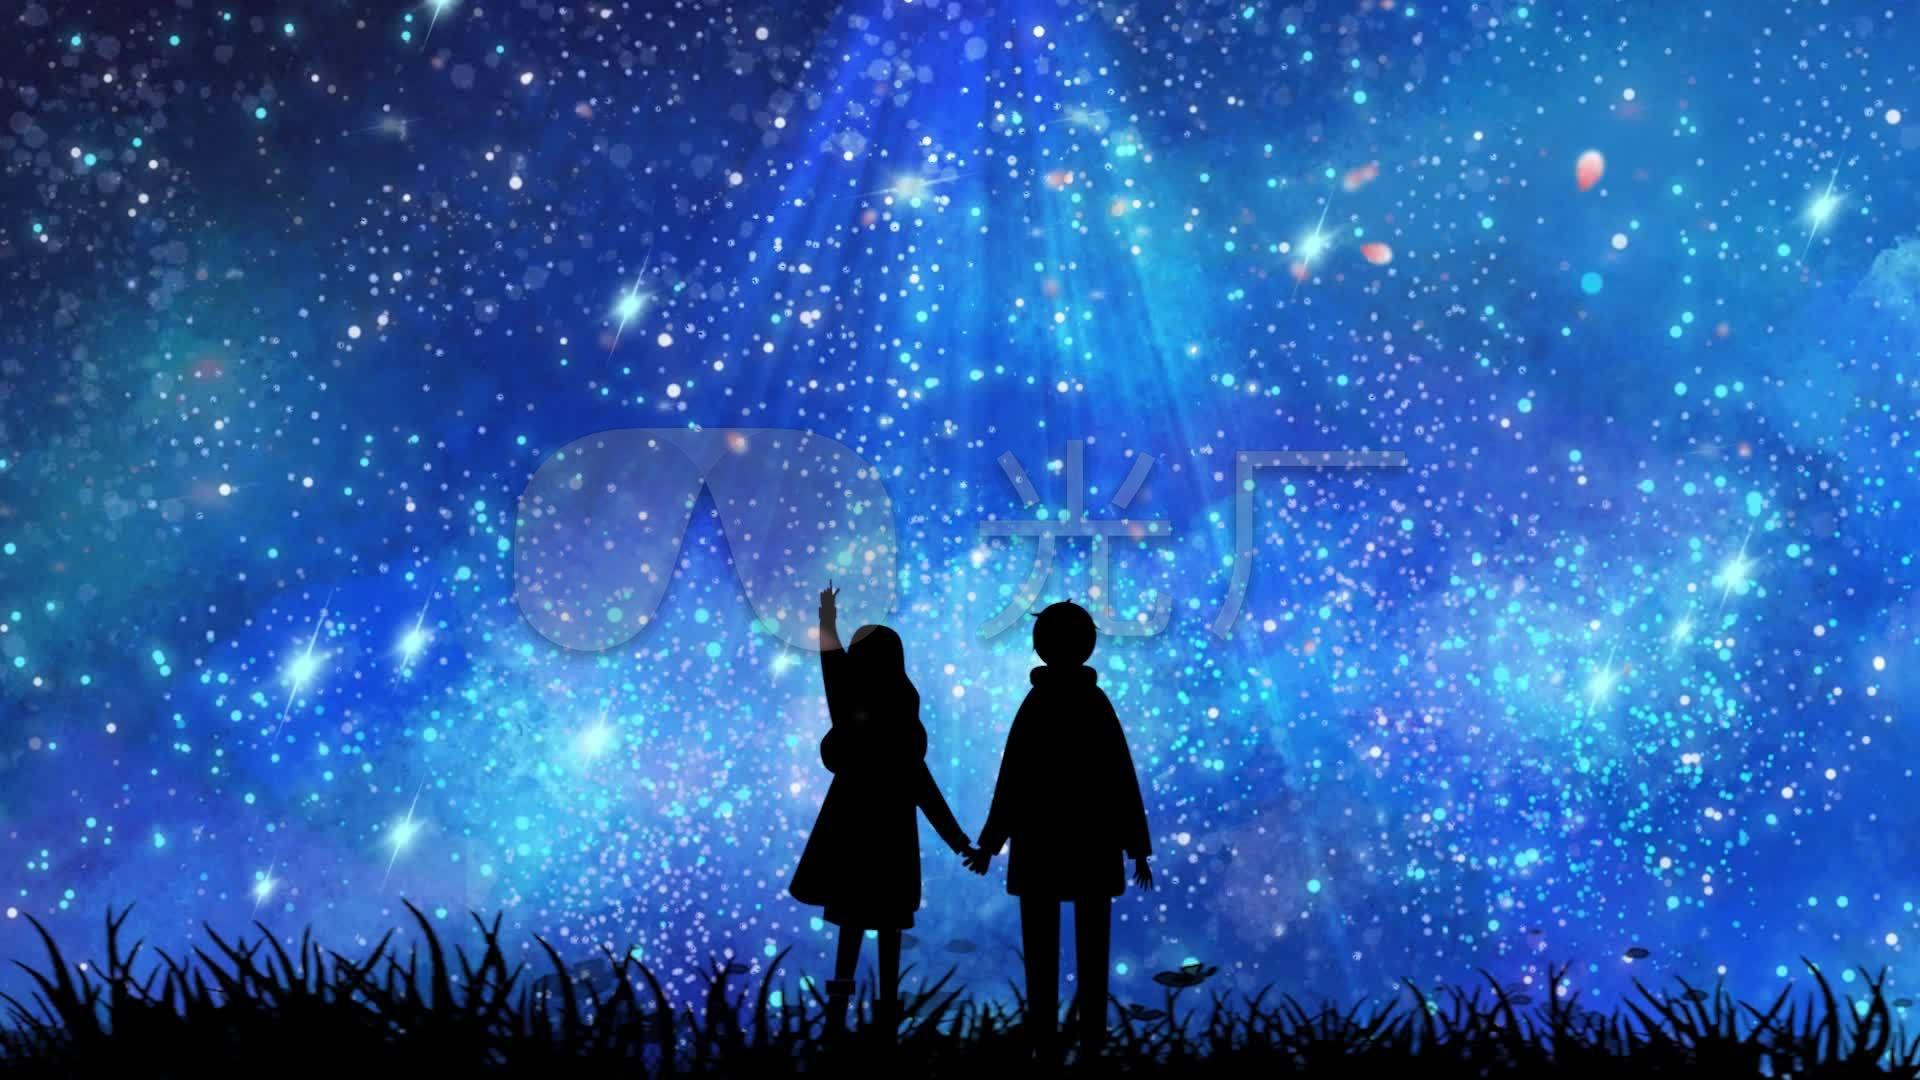 星空视频壁纸_舞台剧仰望星空下的情侣led背景视频_1920x1080_高清